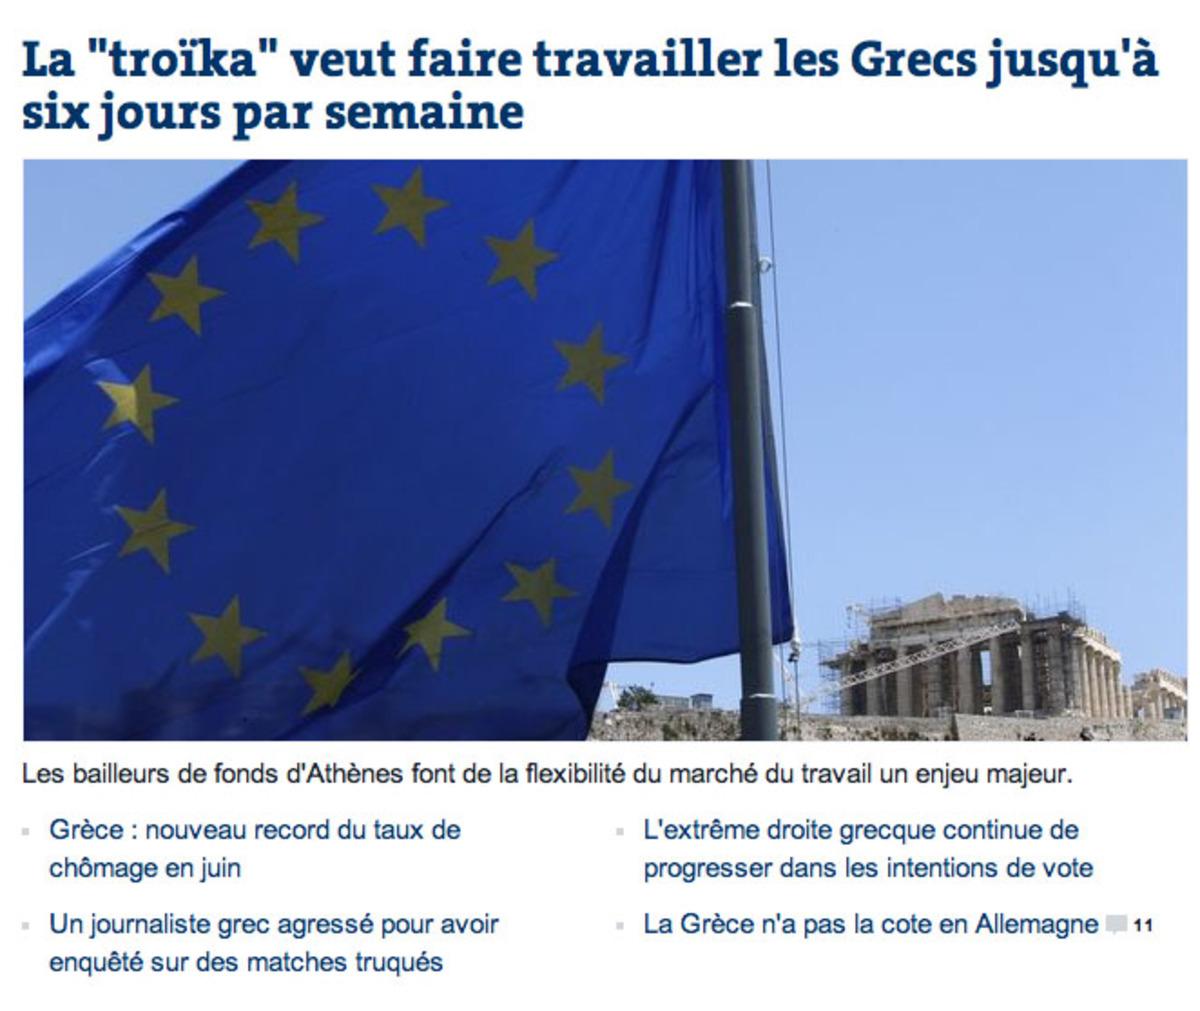 Πρώτο θέμα η Ελλάδα στη «Le Monde» – 6ήμερο, ανεργία και άνοδος της Χρυσής Αυγής | Newsit.gr